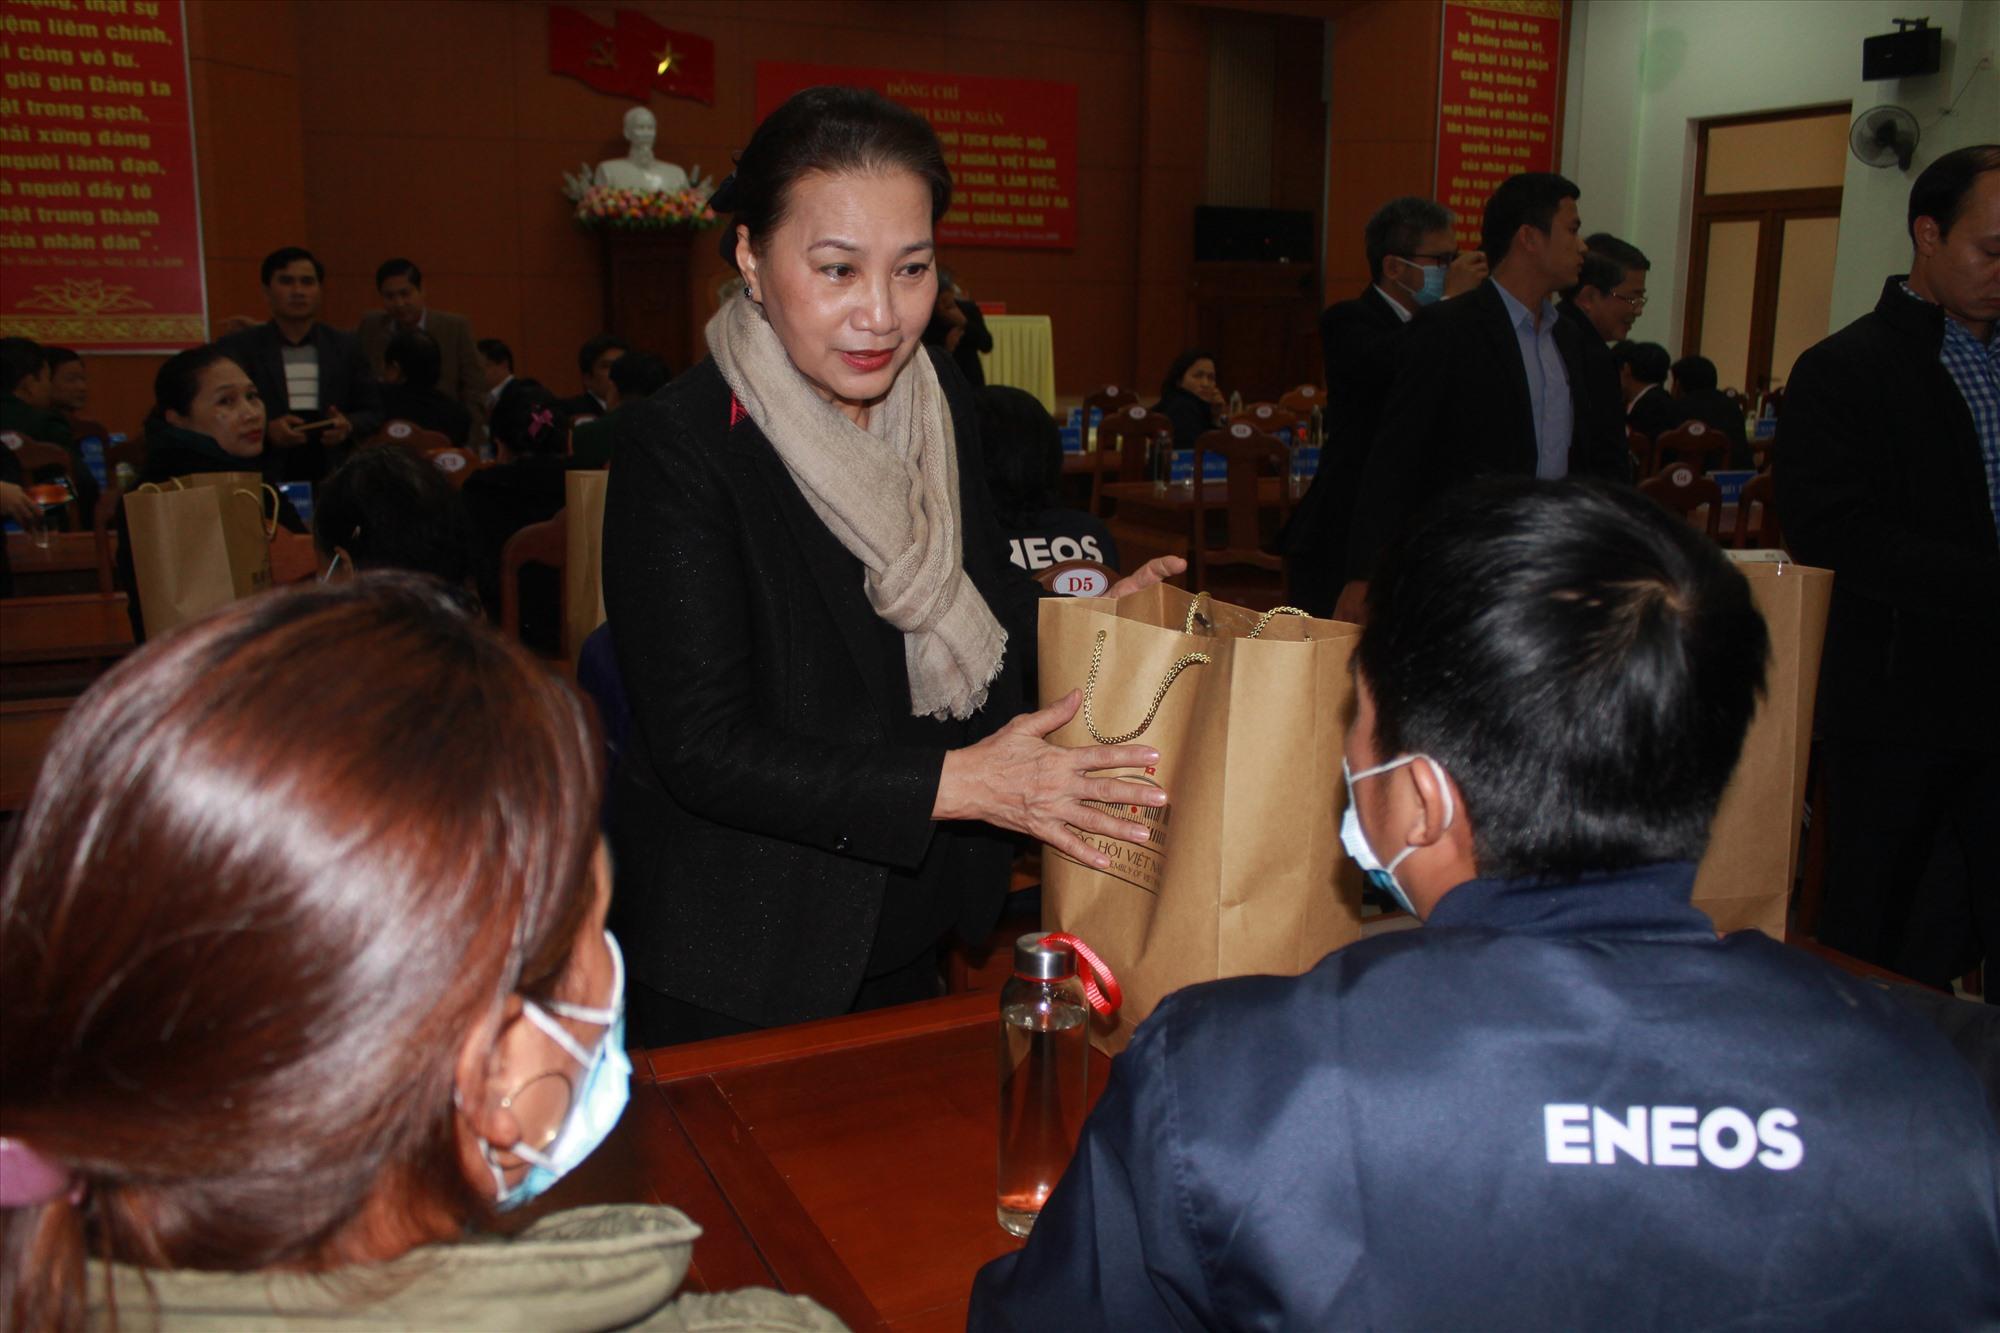 Đồng chí Nguyễn Thị Kim Ngân tặng quà, thăm hỏi các gia đình bị thiệt hại do thiên tai tại Phước Sơn. Ảnh: T.C